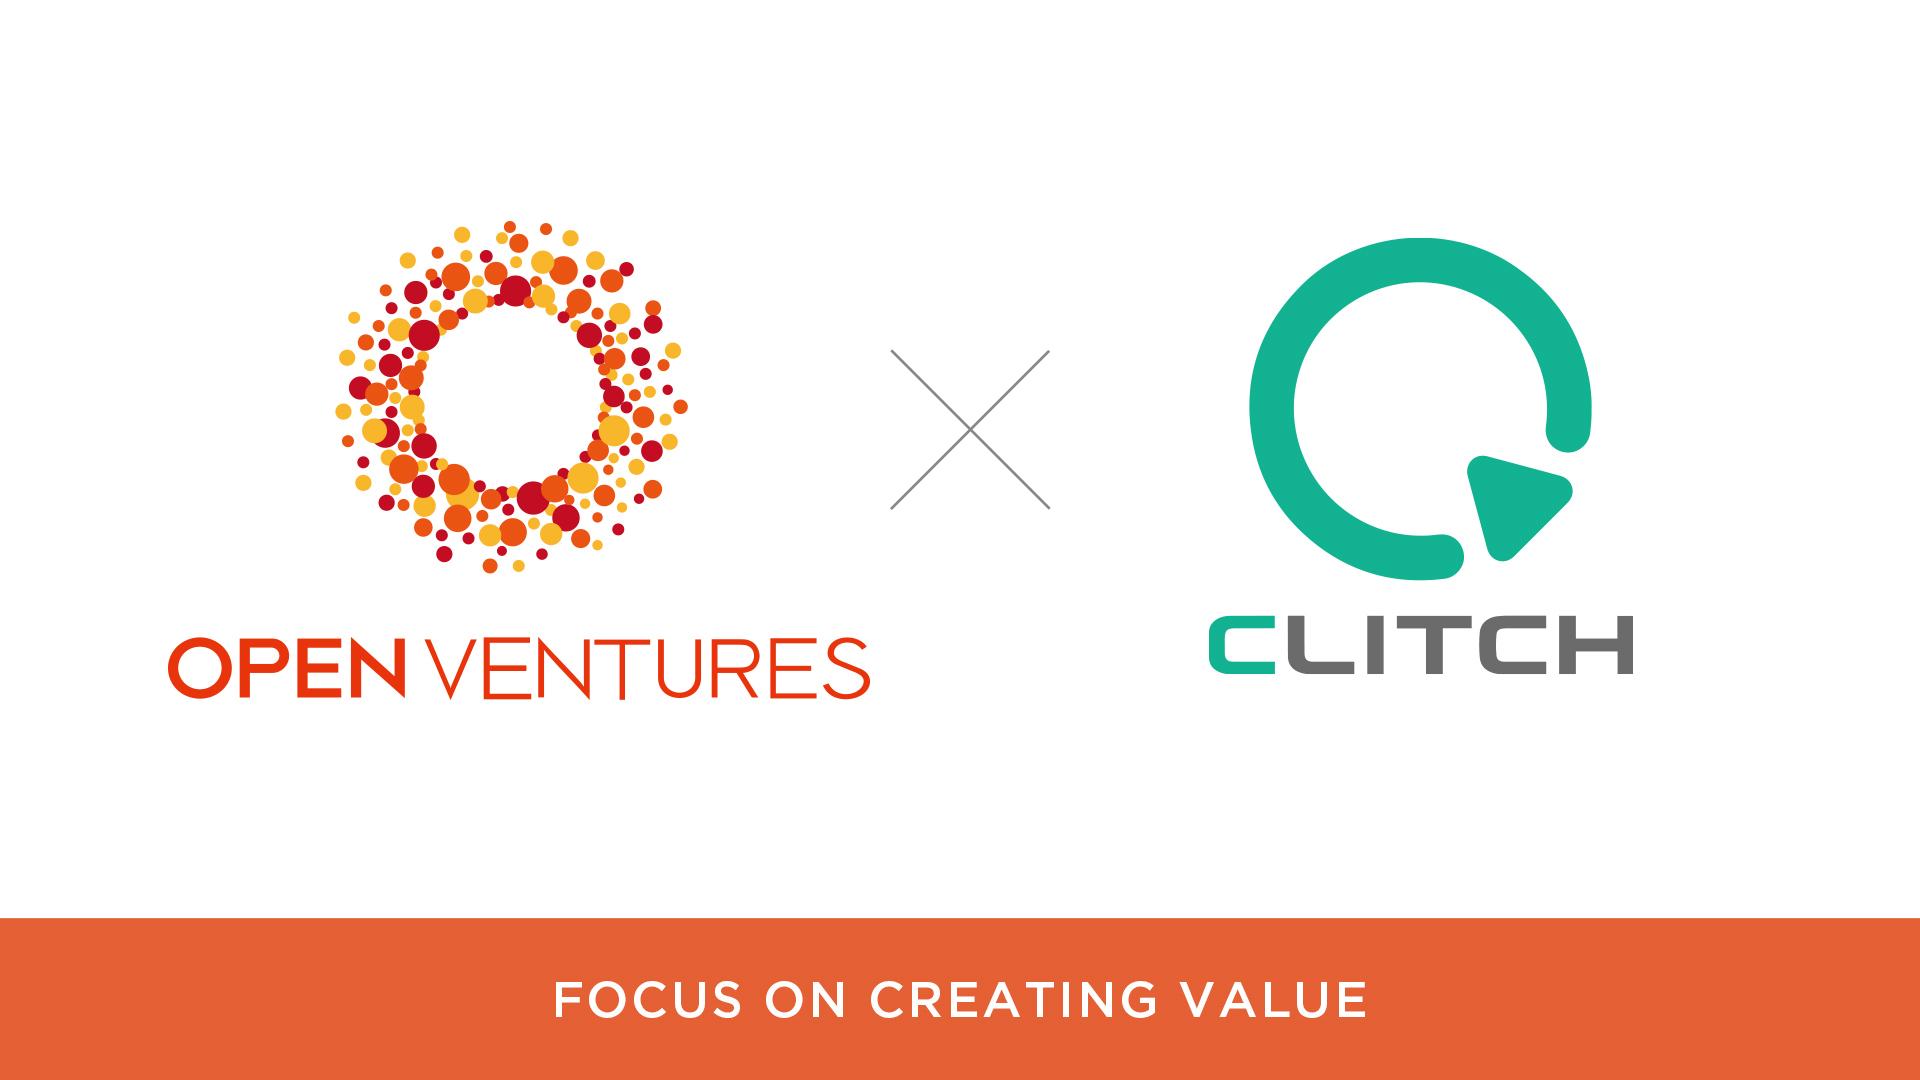 OPEN VENTURES、「いつものゲーム仲間」を探せるゲーマー向けコミュニティサービスを開発する「CLITCH株式会社」に出資